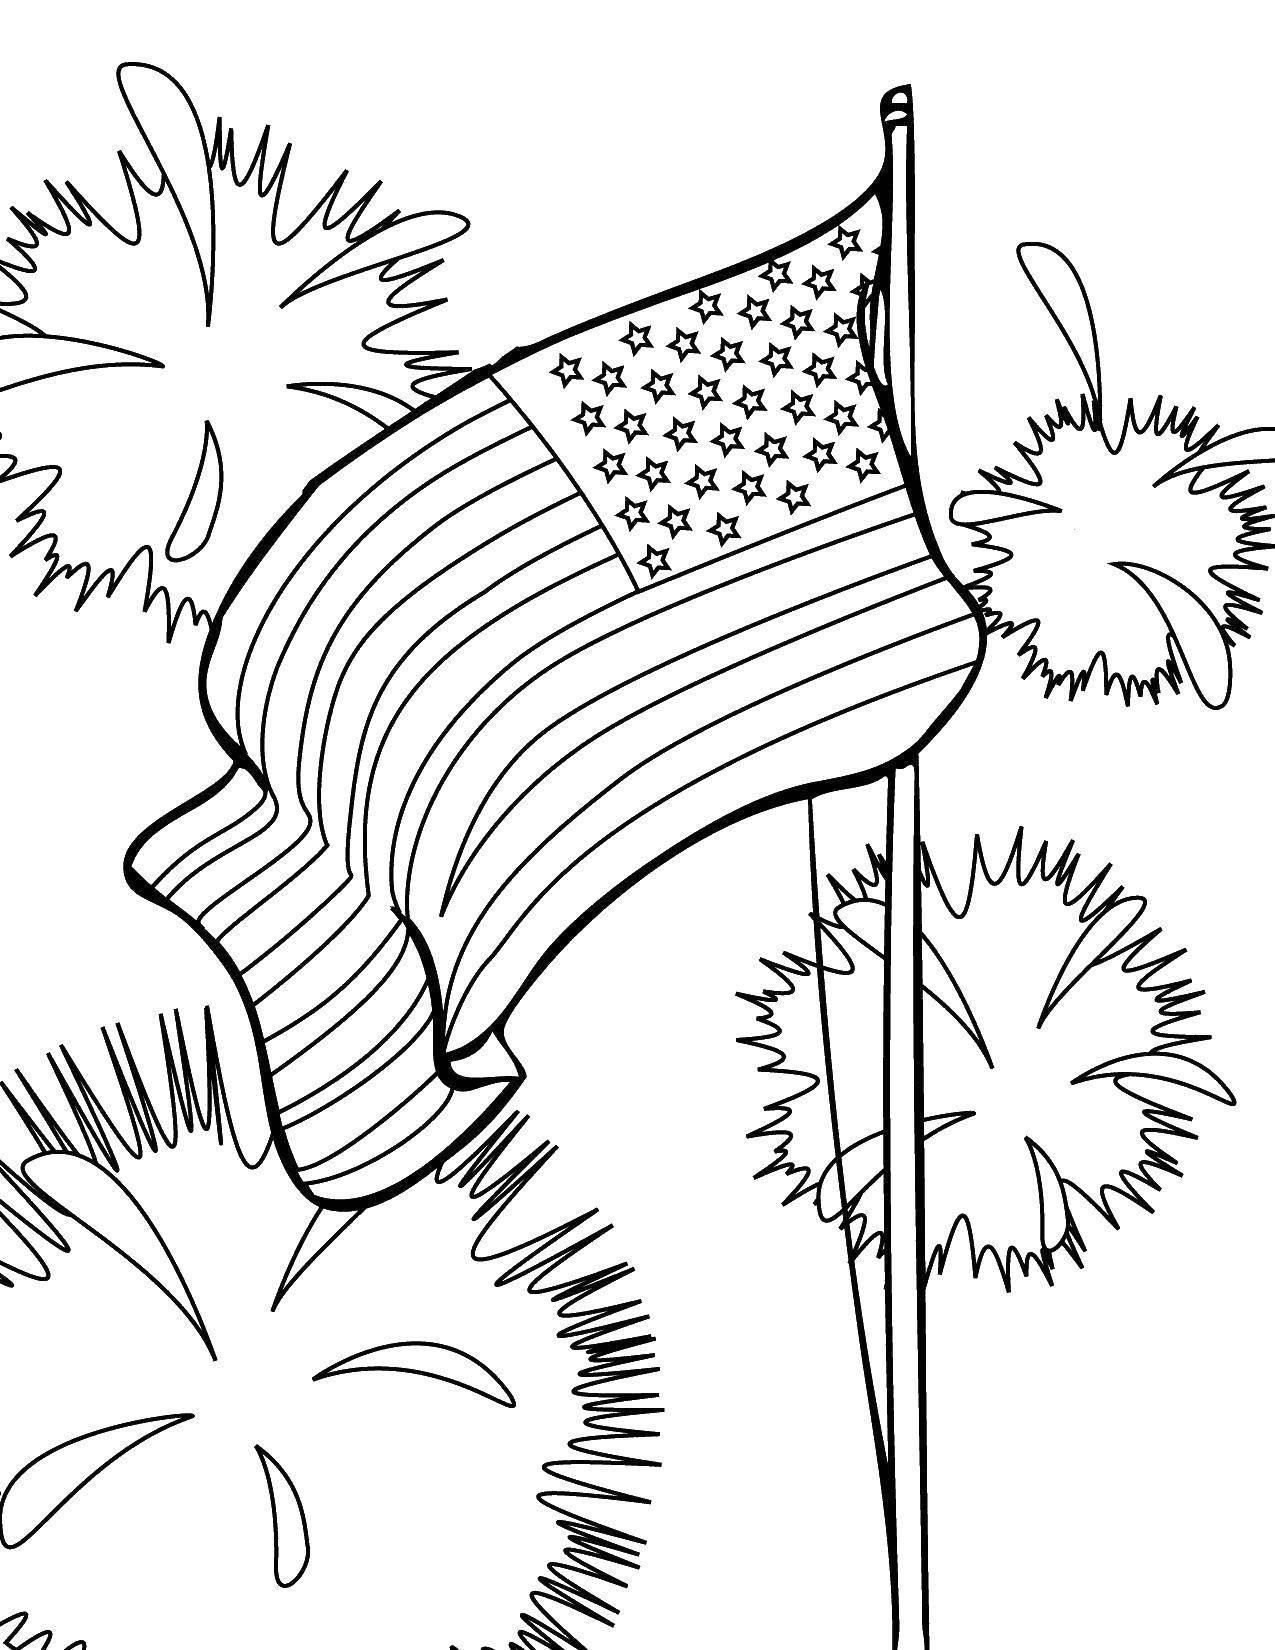 Раскраска Флаг сша и салюты Скачать США, флаг, Америка, салют.  Распечатать ,США,